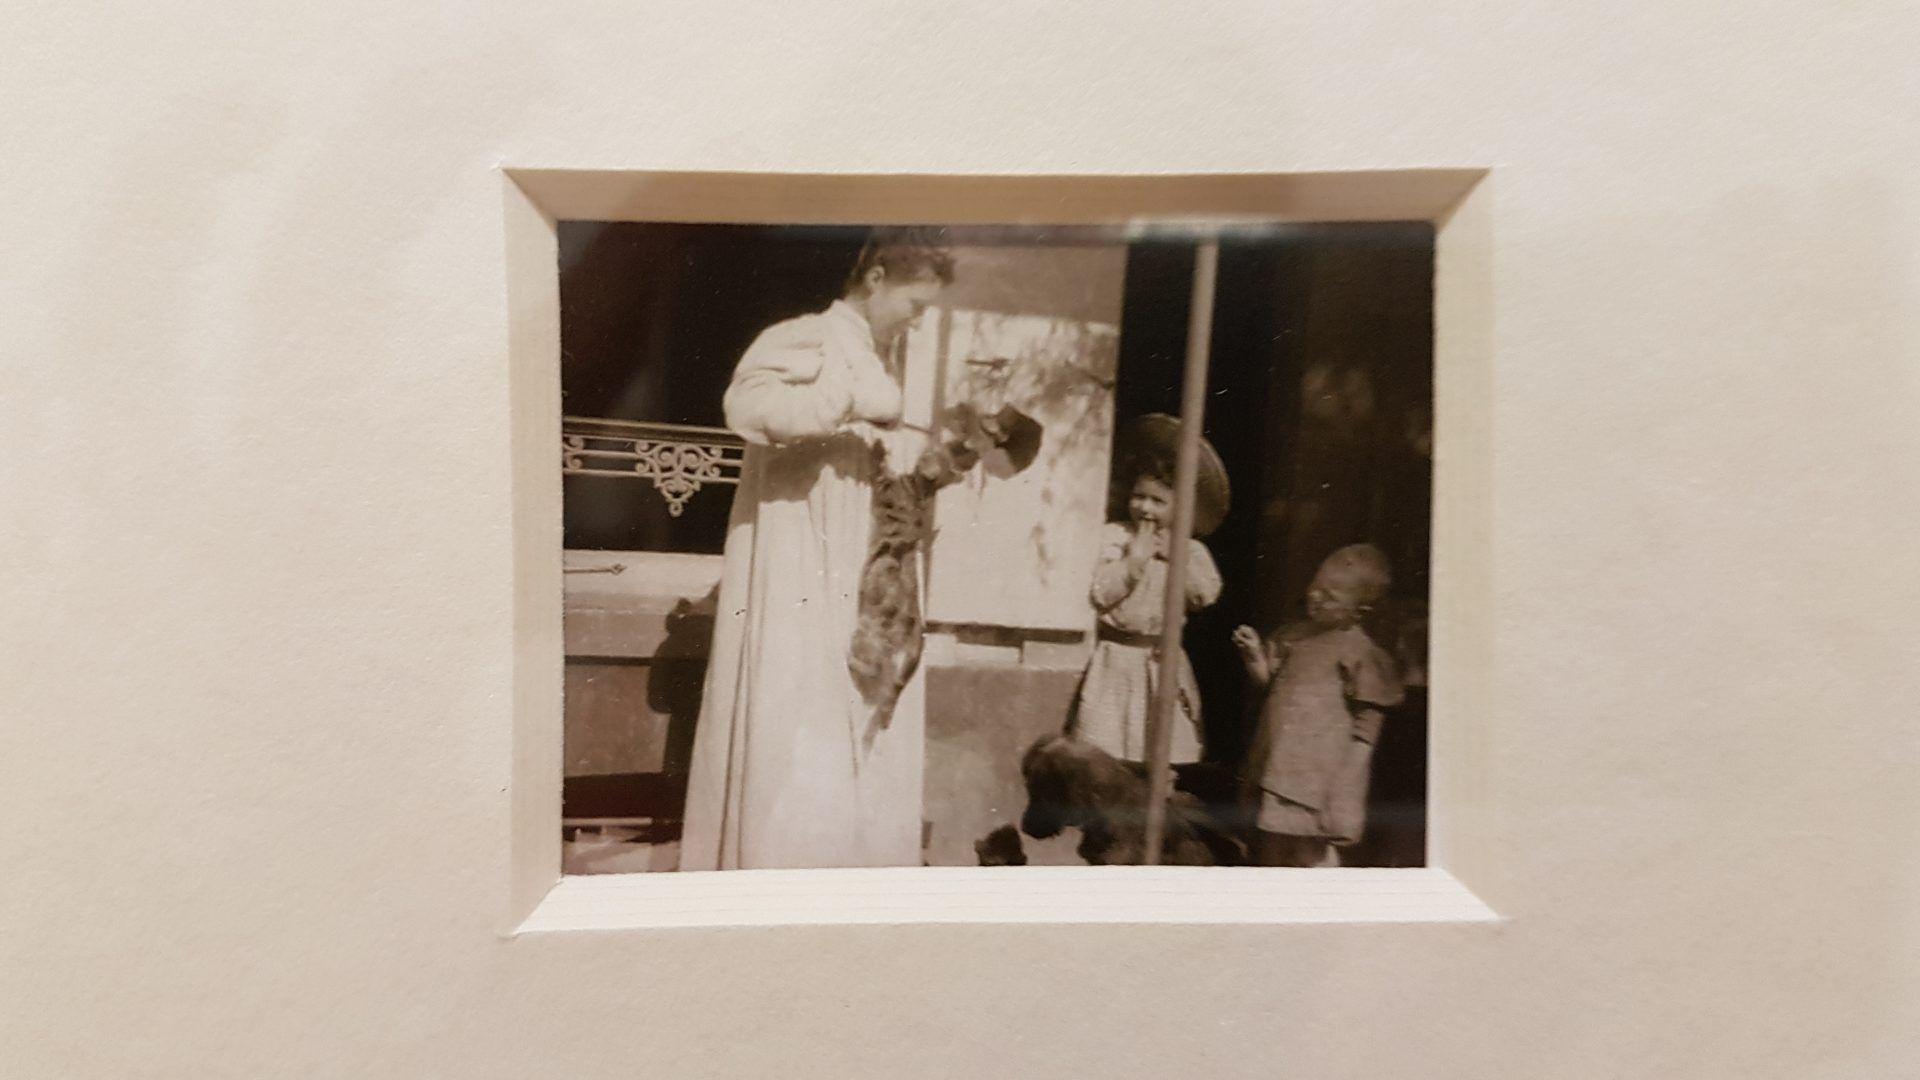 Фотография в экспозиции выставки Пьера Боннара в Кунстфоруме Форума Австрия. Фото Юлии Абрамовой, 2019